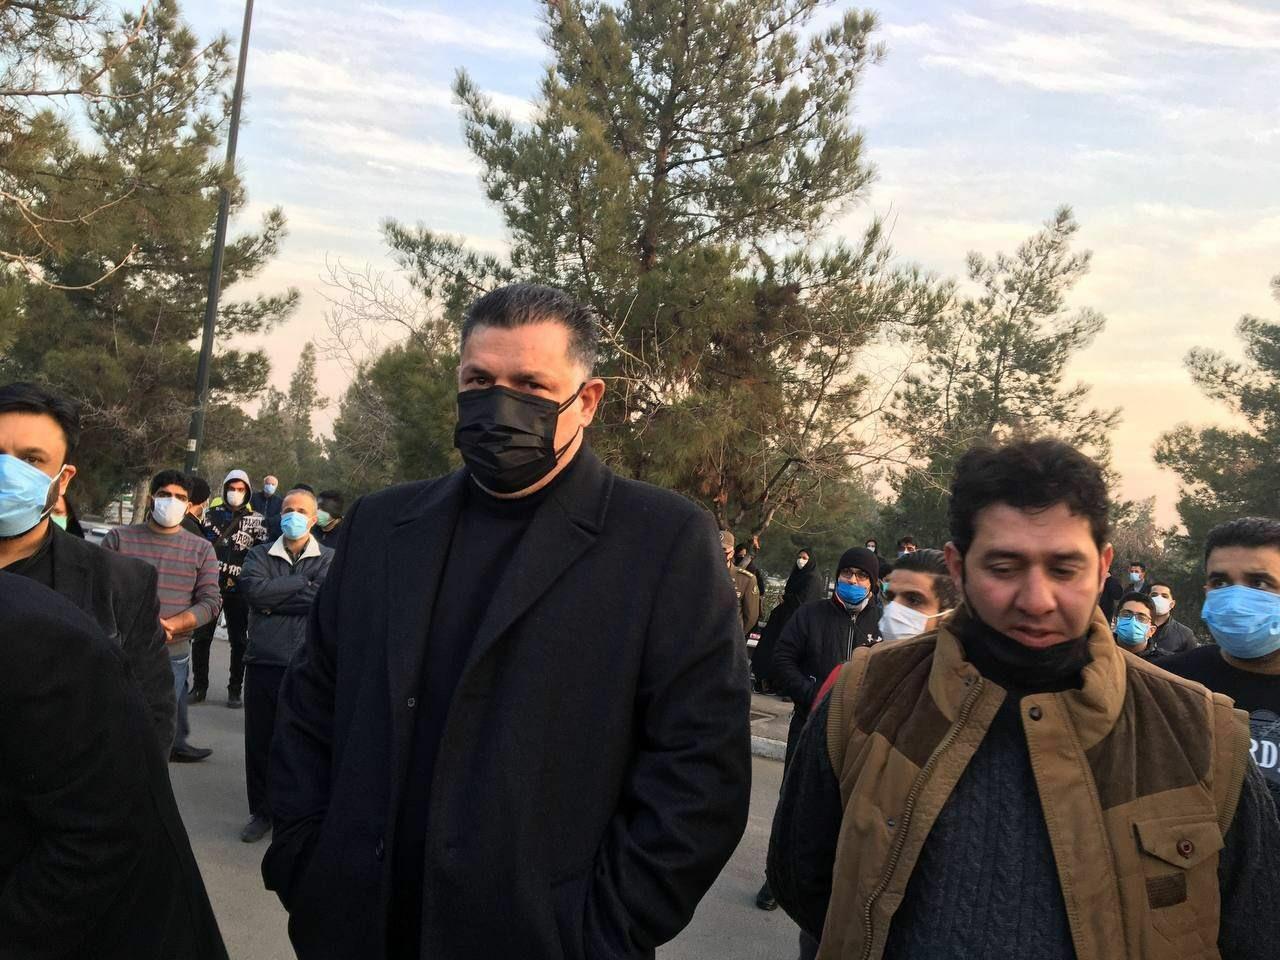 حرکت ارزشمند خانواده علی انصاریان در مراسم تشییع پیکر و خاکسپاری